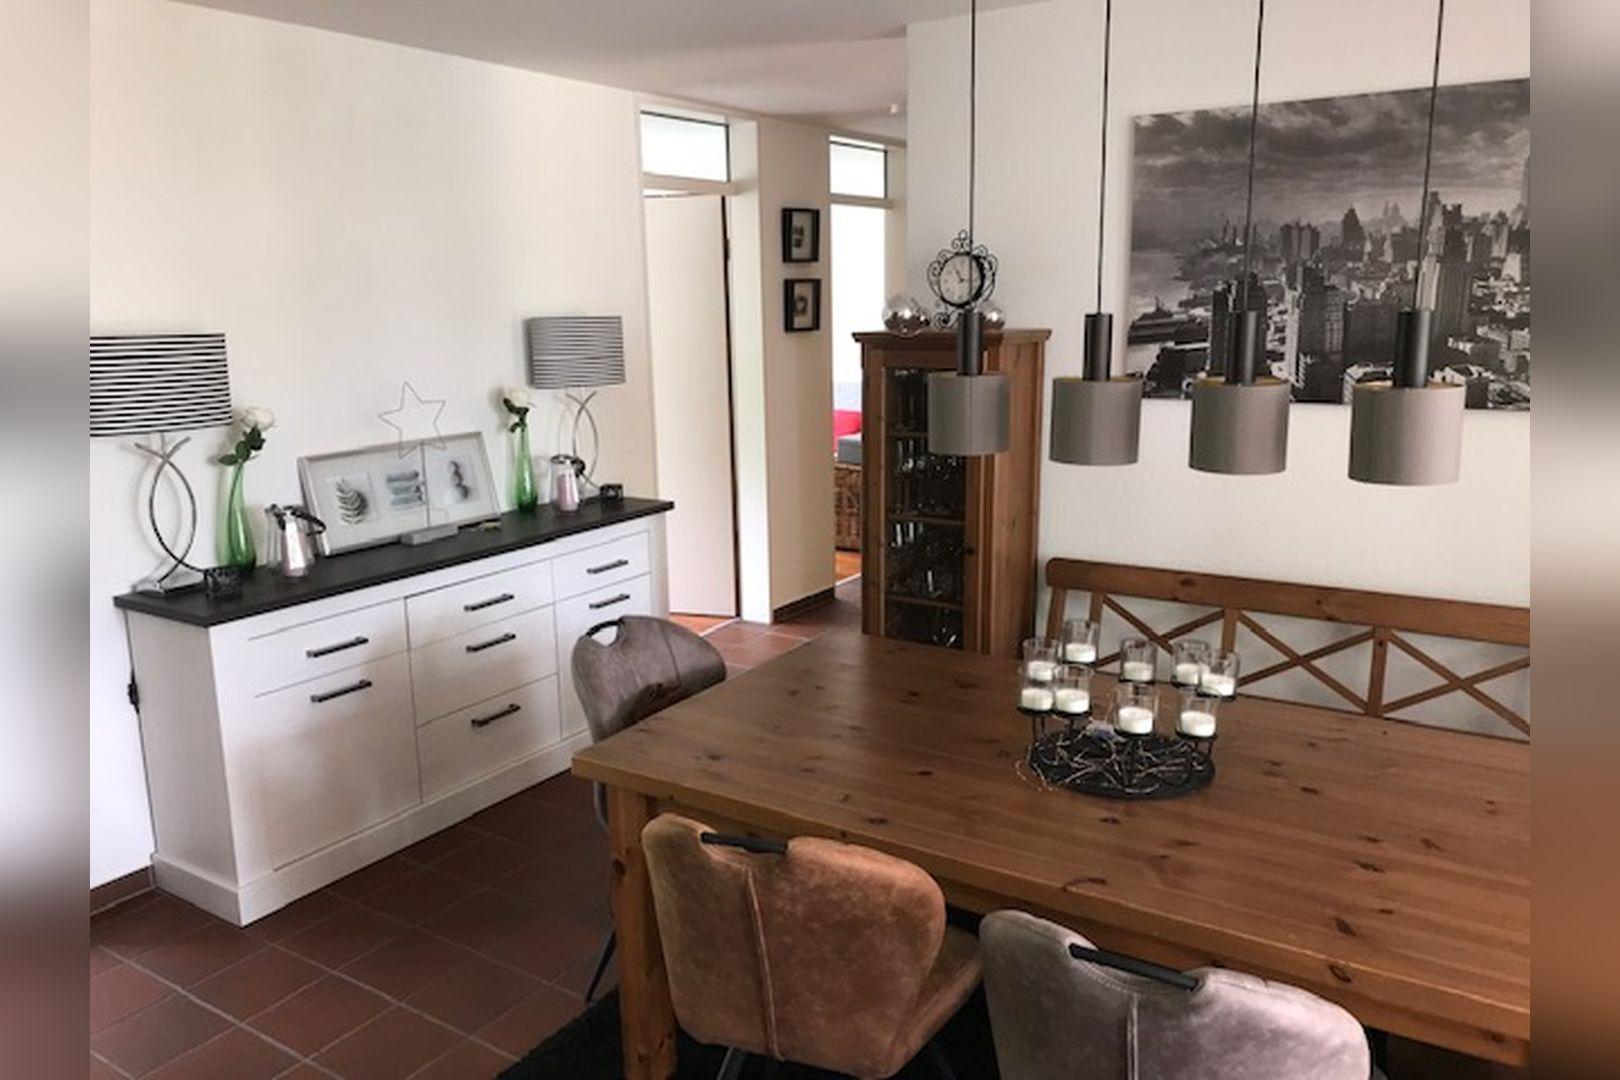 Immobilie Nr.0264 - großzügige Vier-Raum-Wohnung mit Riesenkellerraum für Hobby etc. - Bild 5.jpg